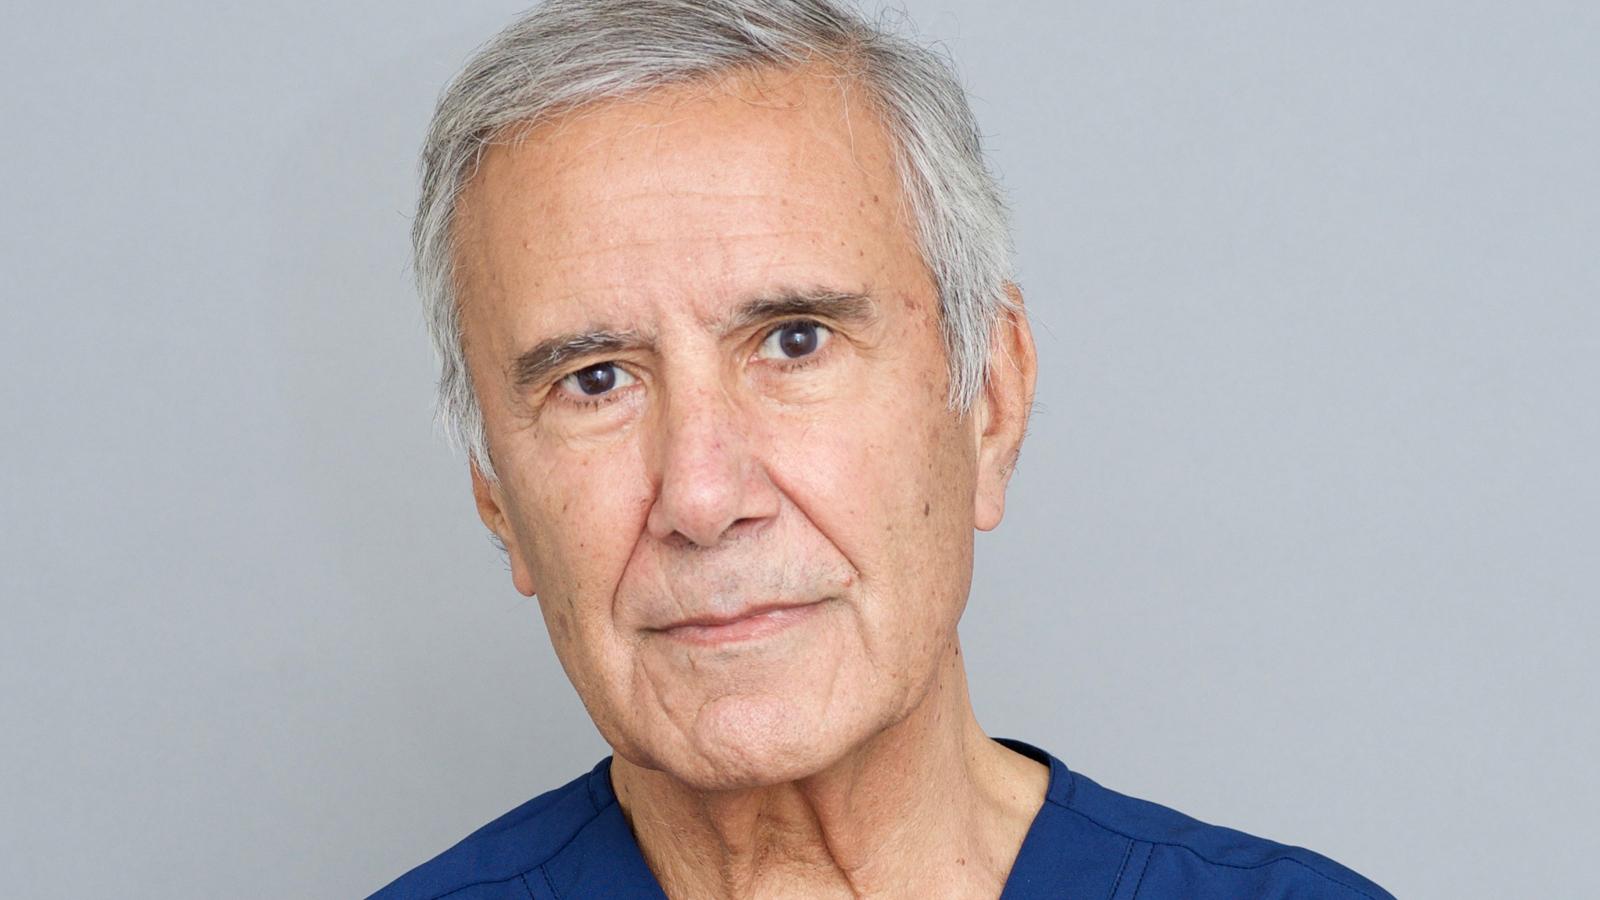 Dr. José Manuel Lampreia